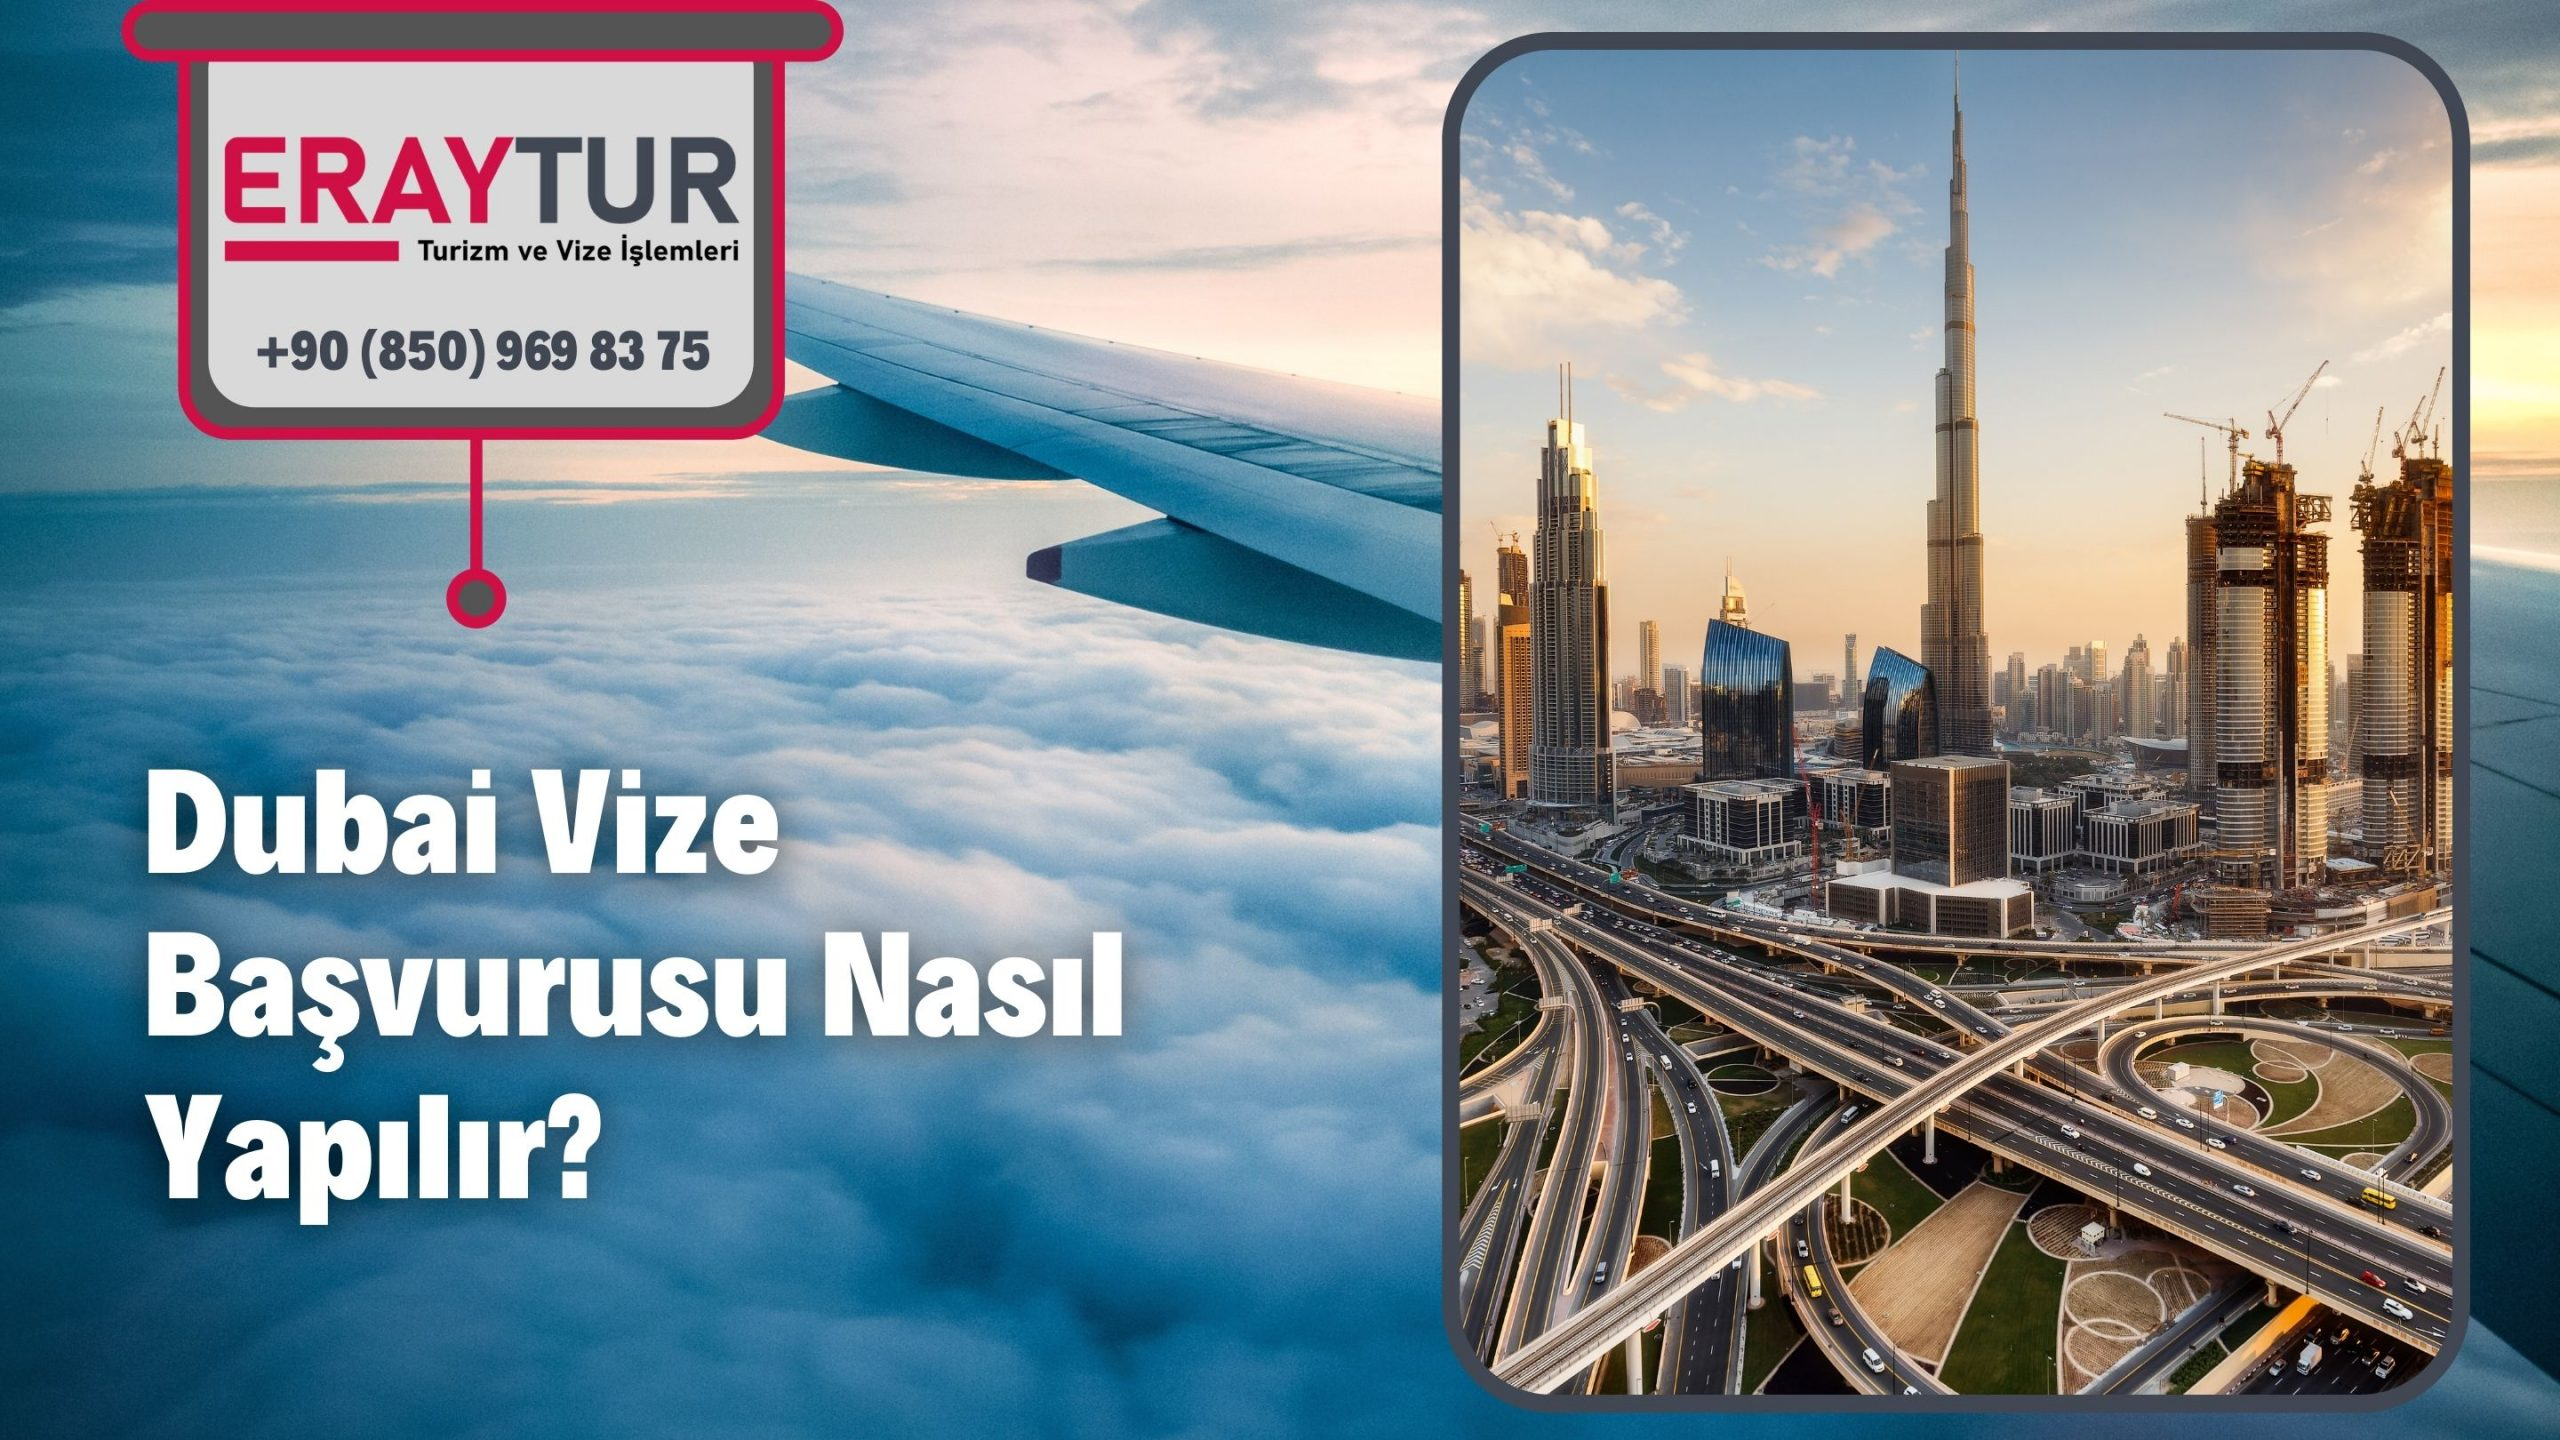 Dubai Vize Başvurusu Nasıl Yapılır?